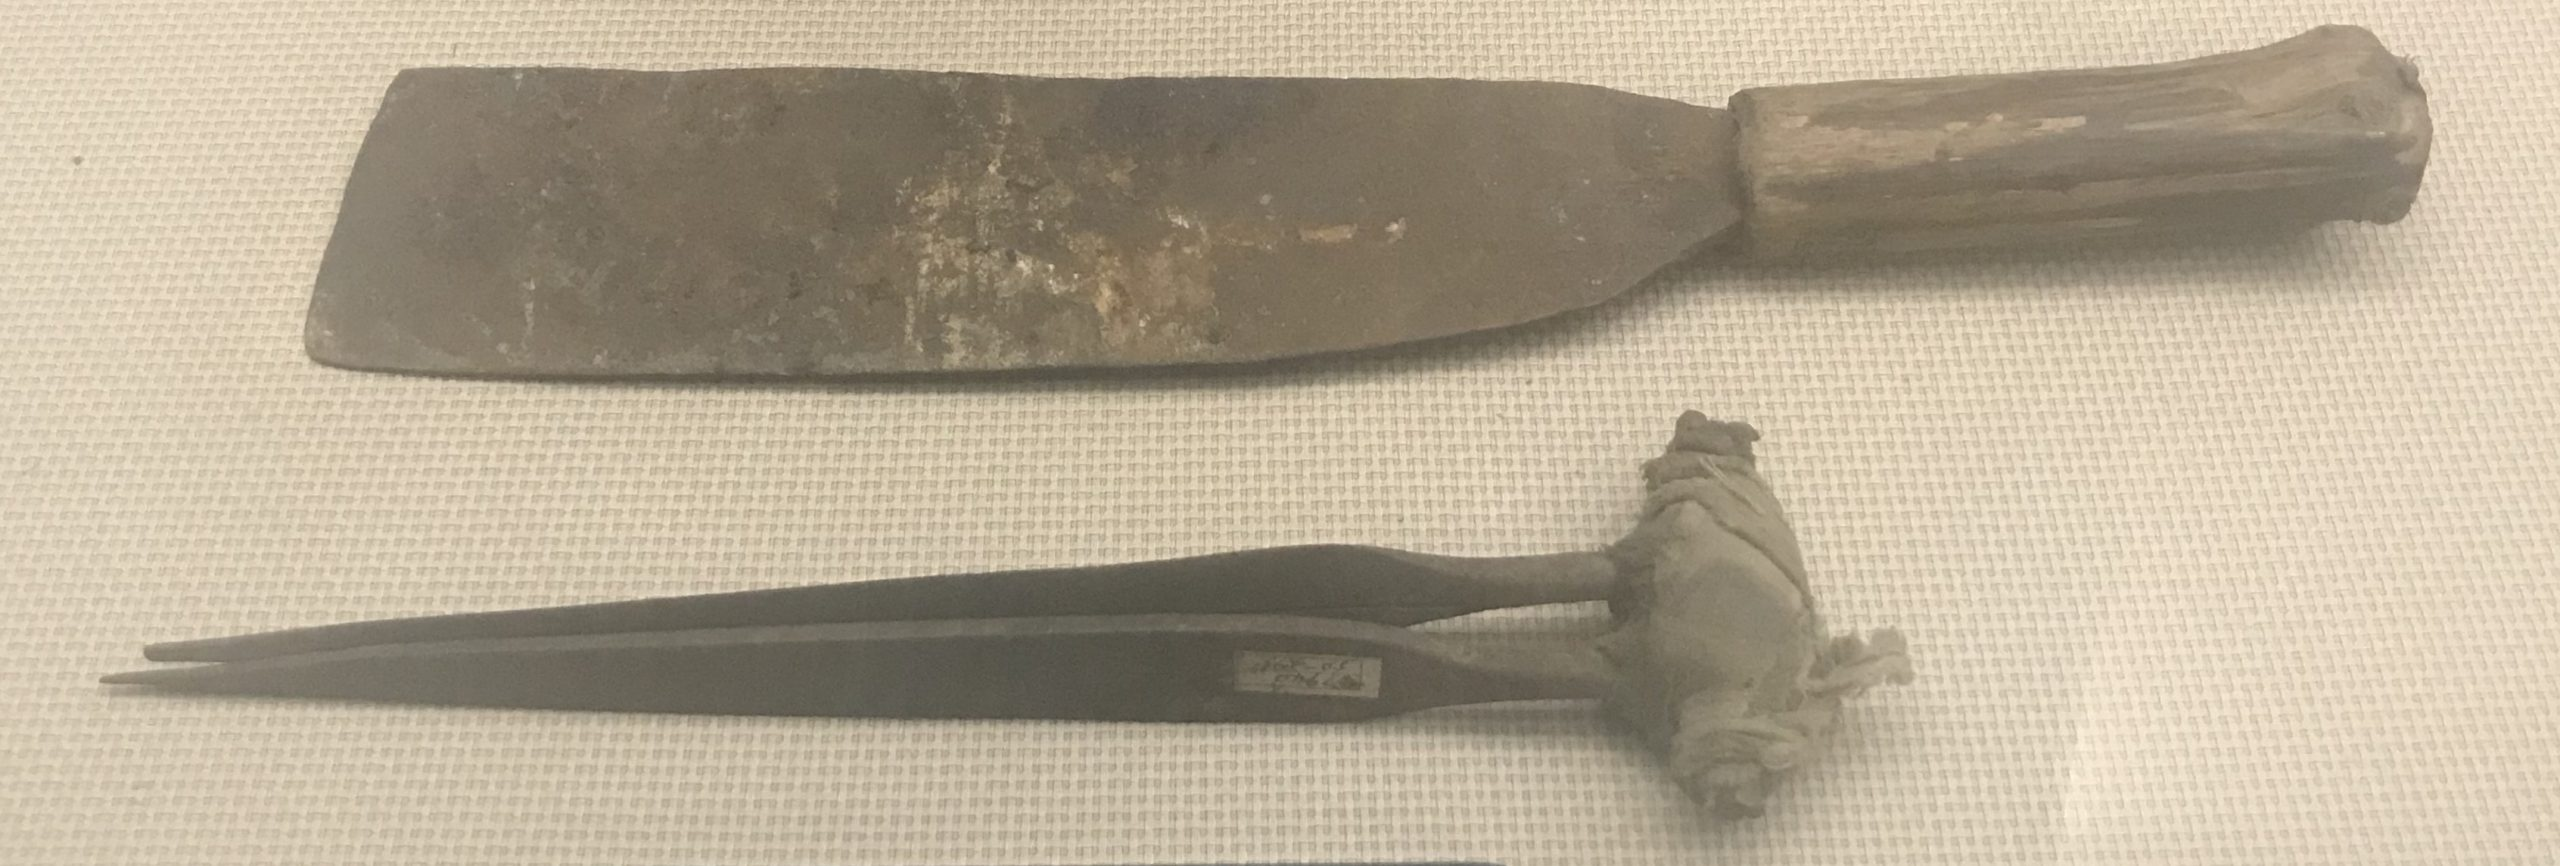 鉄柴刀-羊毛鉄ハサミ-彜族工具-四川民族文物館-四川博物館-成都